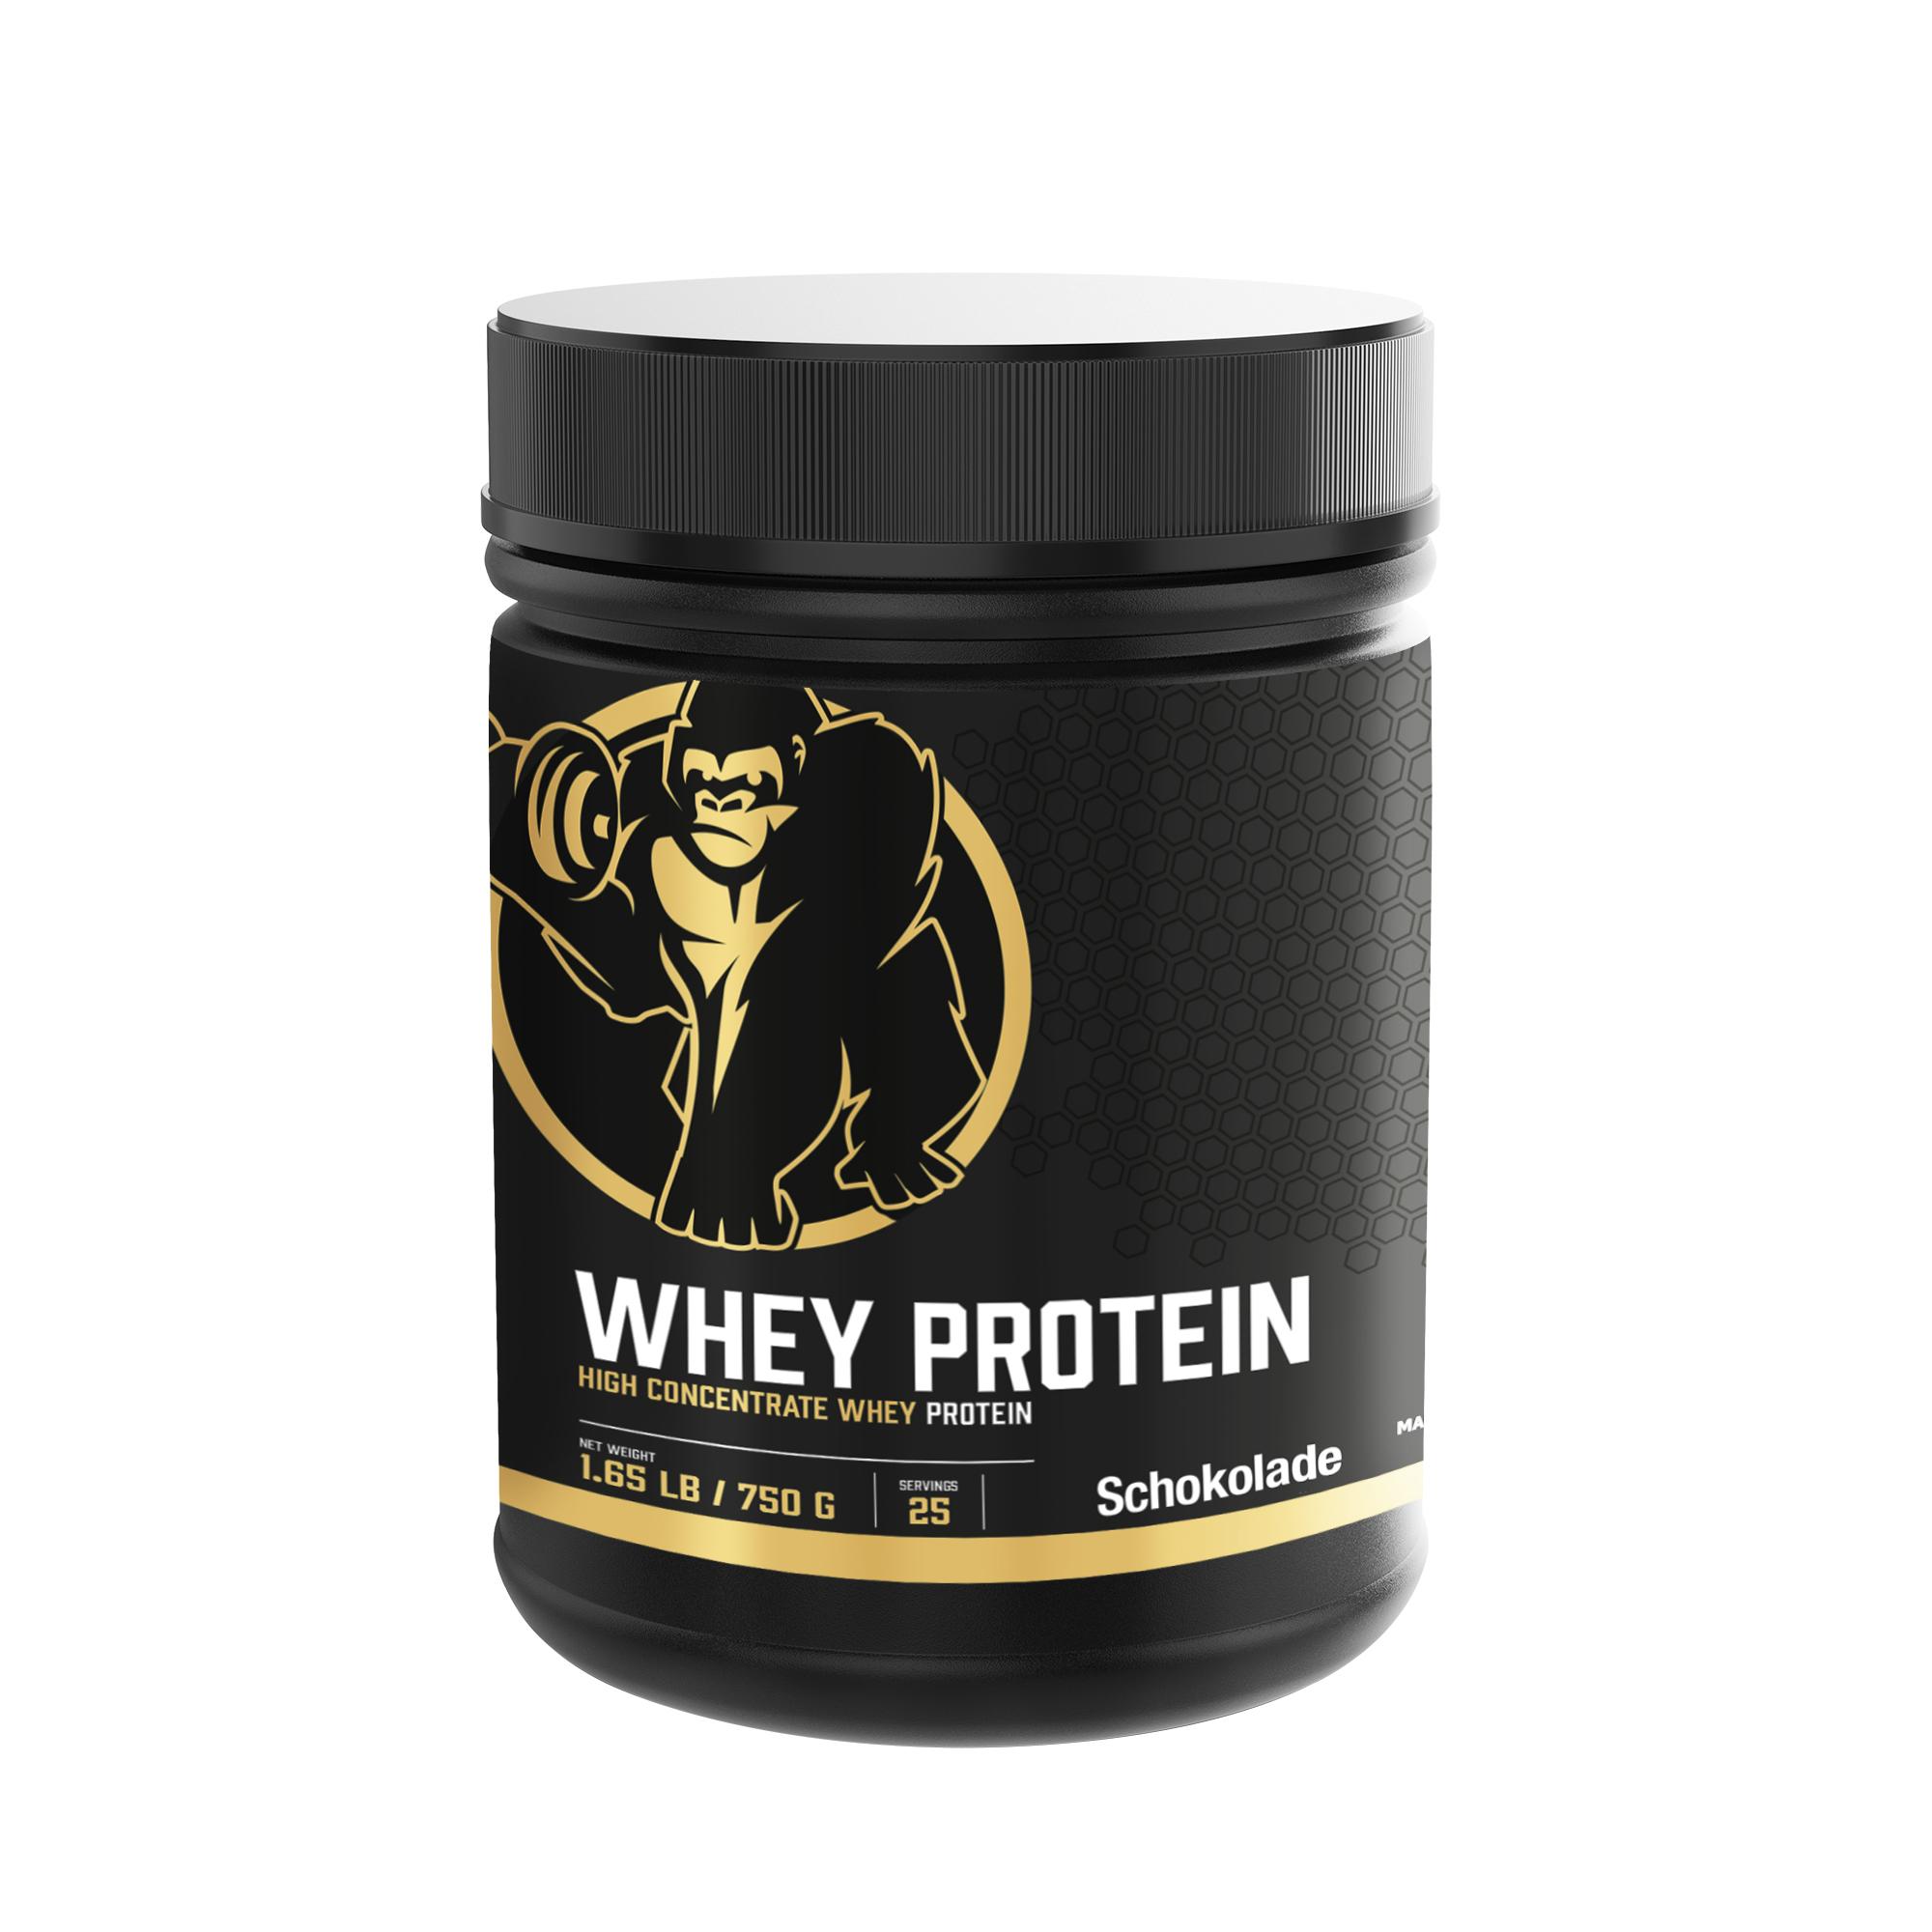 Whey Protein Schokolade 750 g